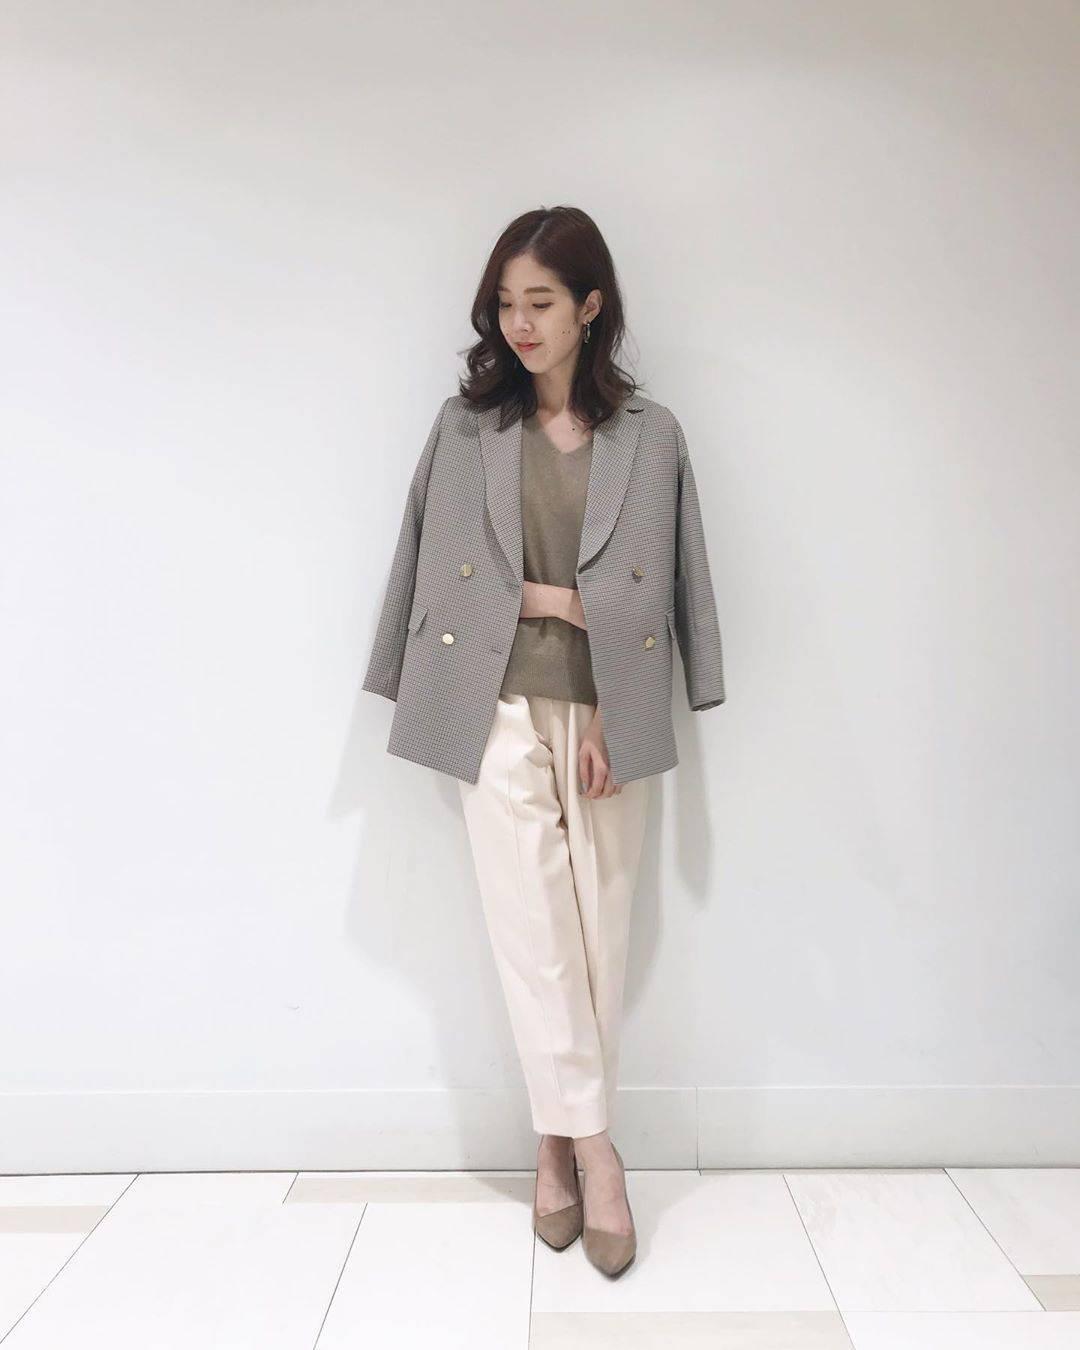 最高気温11度・最低気温3度 hikari_k0122の服装